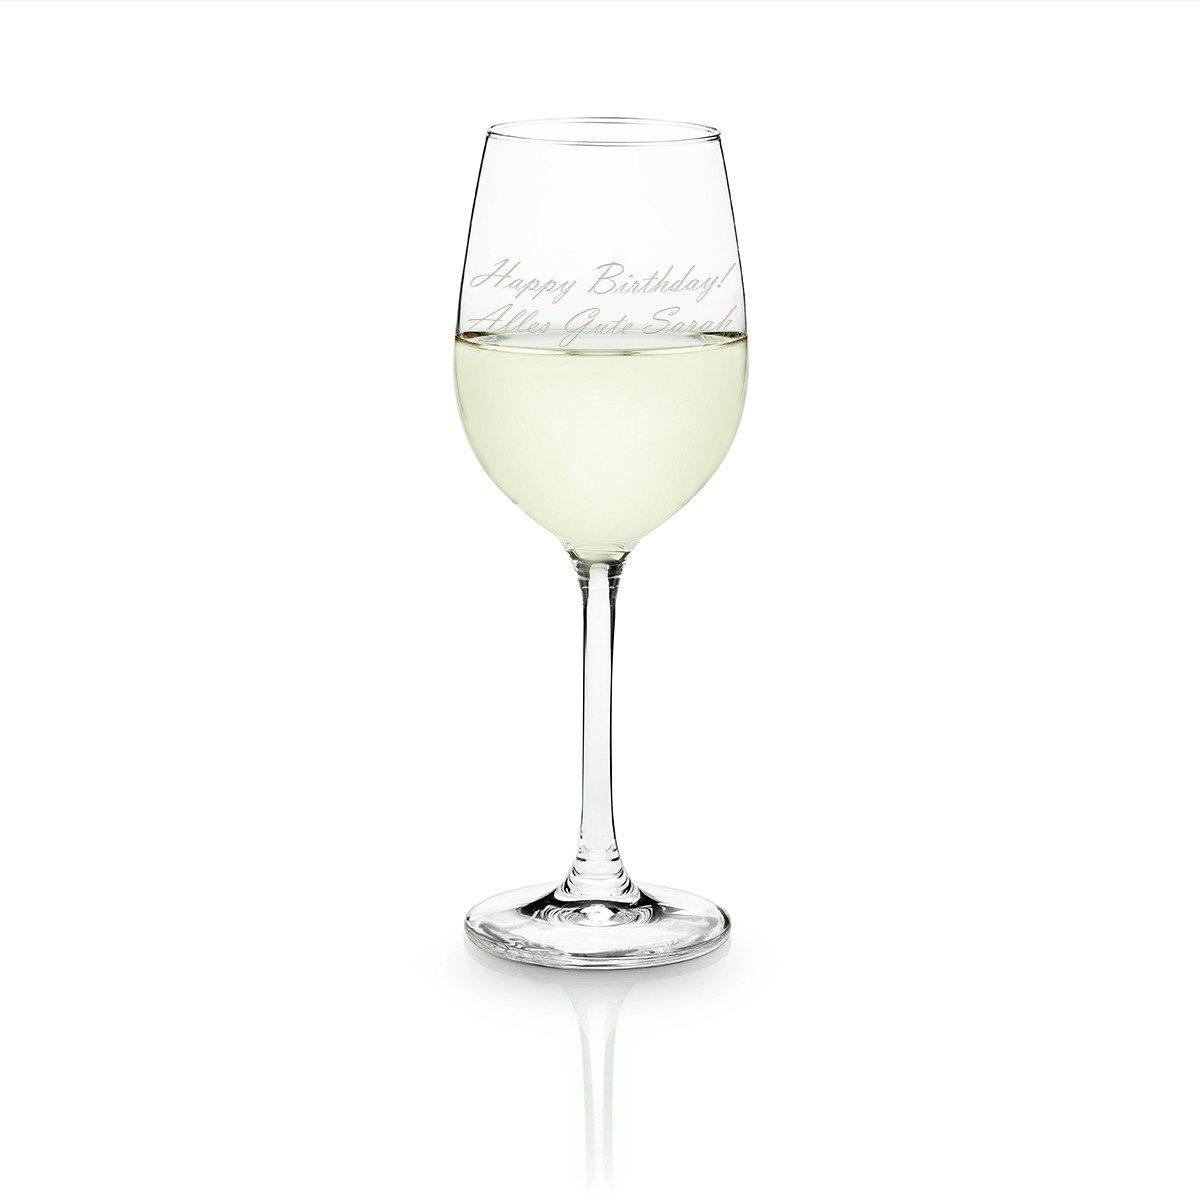 Personalisierbares Weißweinglas von Leonardo - Glückwunsch